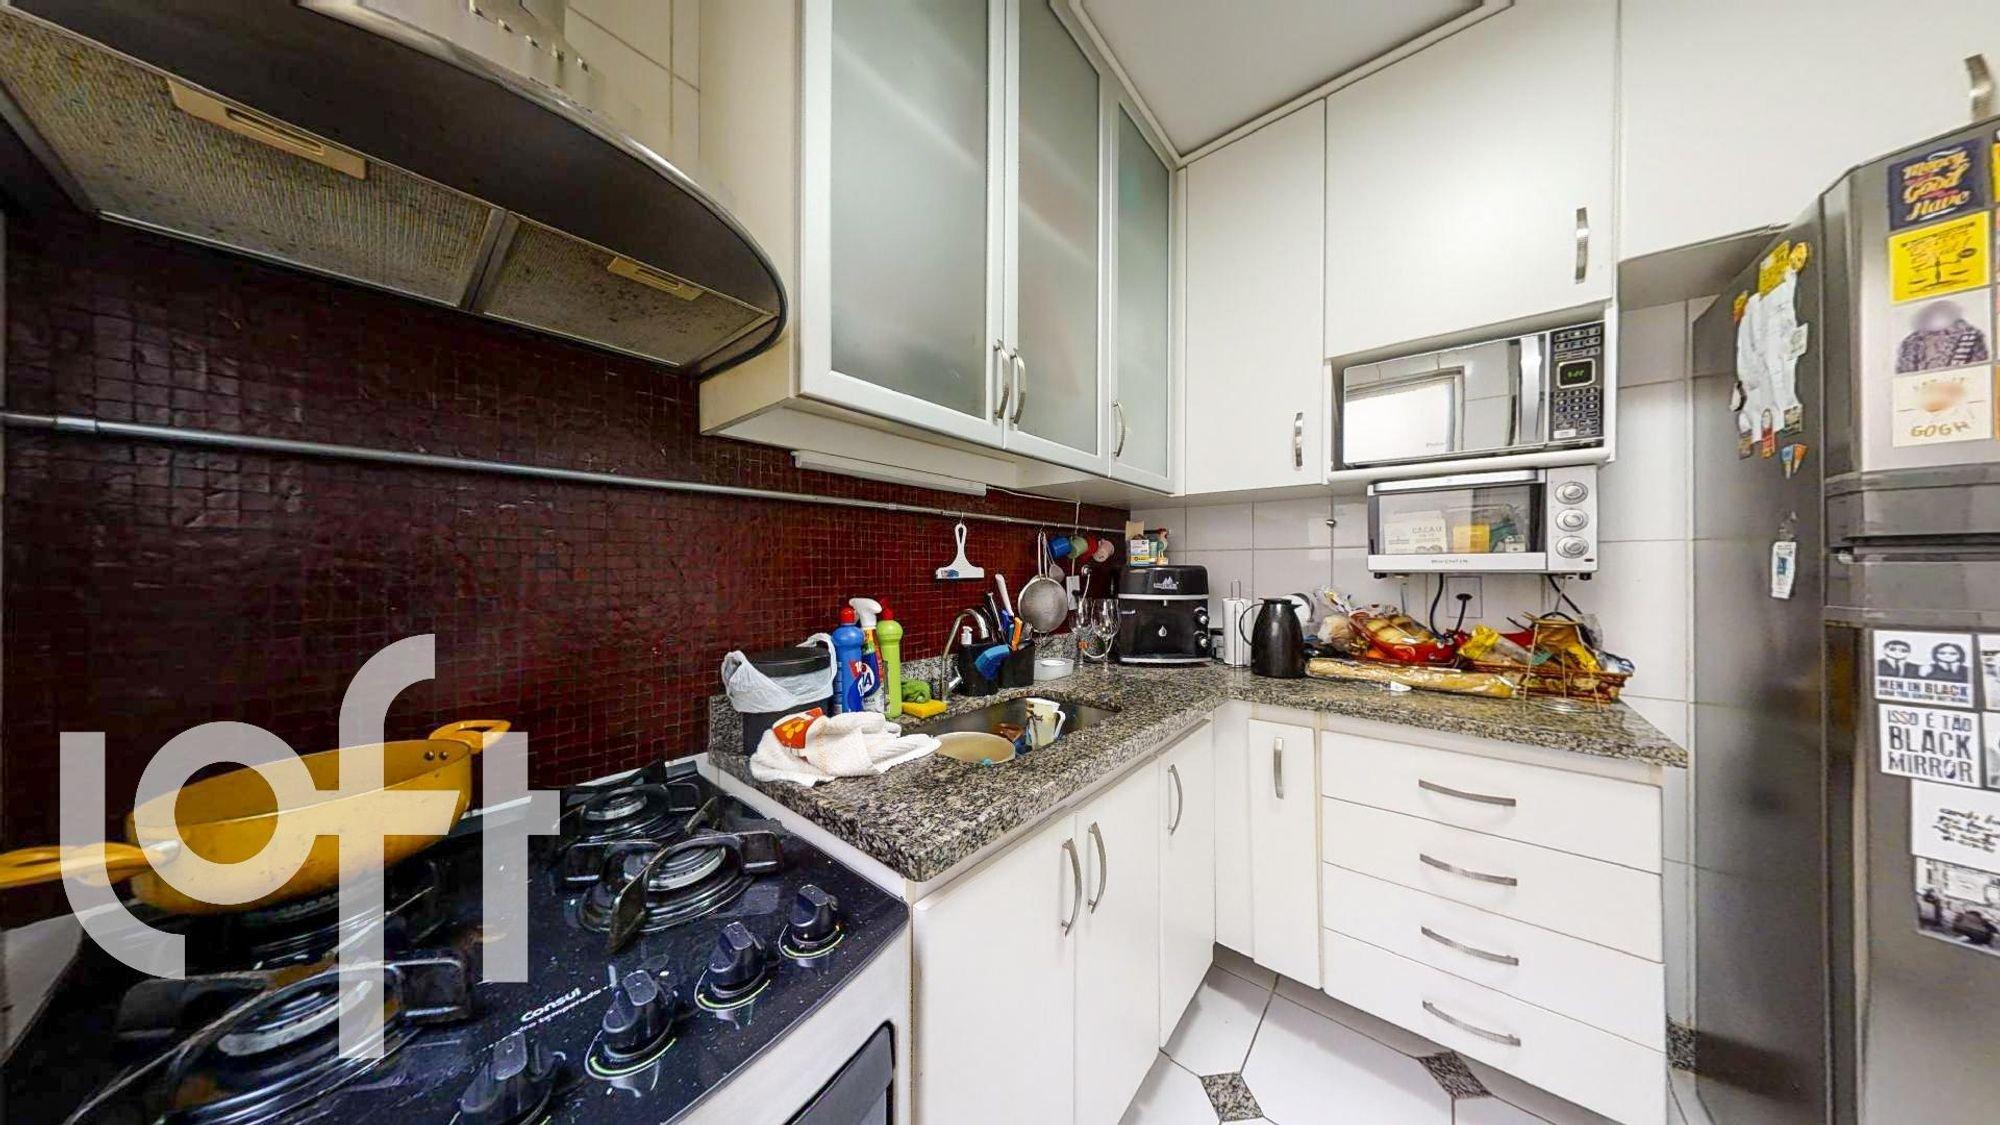 Foto de Cozinha com garrafa, pia, microondas, xícara